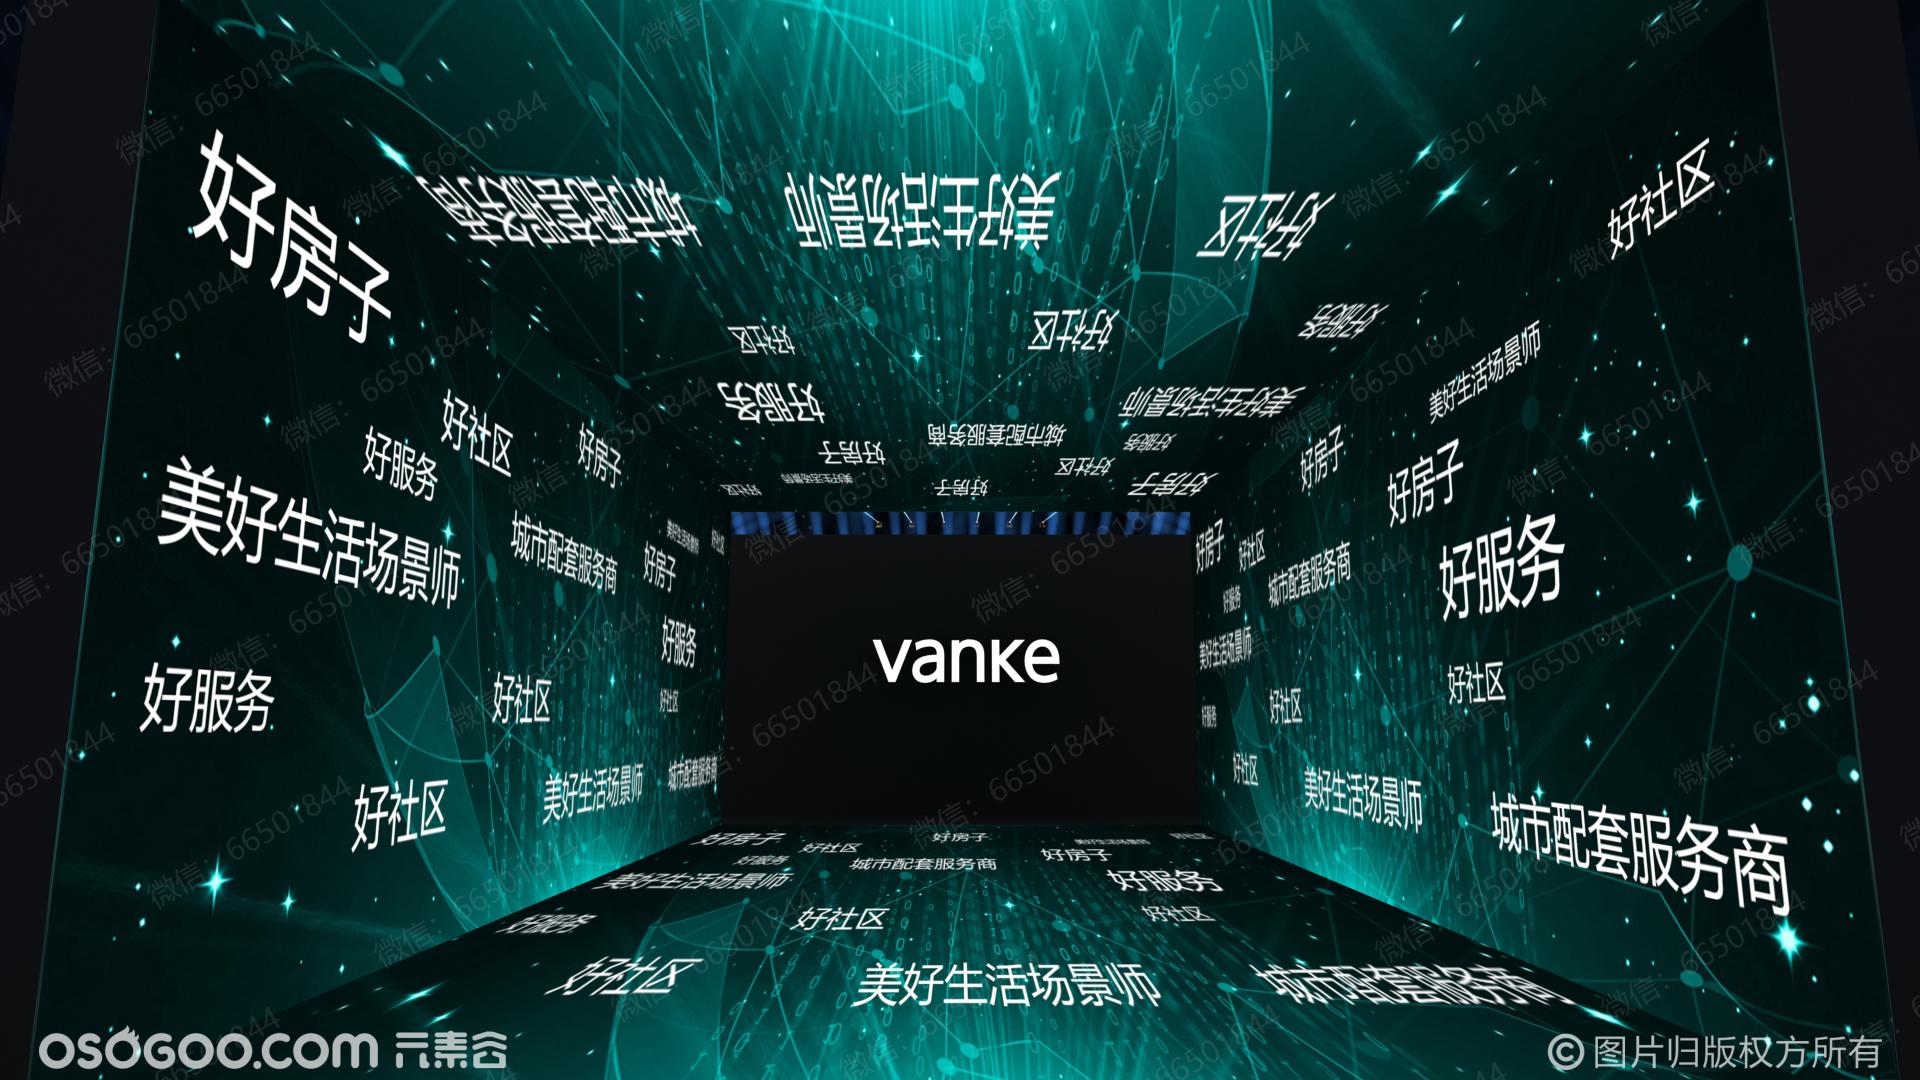 发布会舞台设计3d效果图